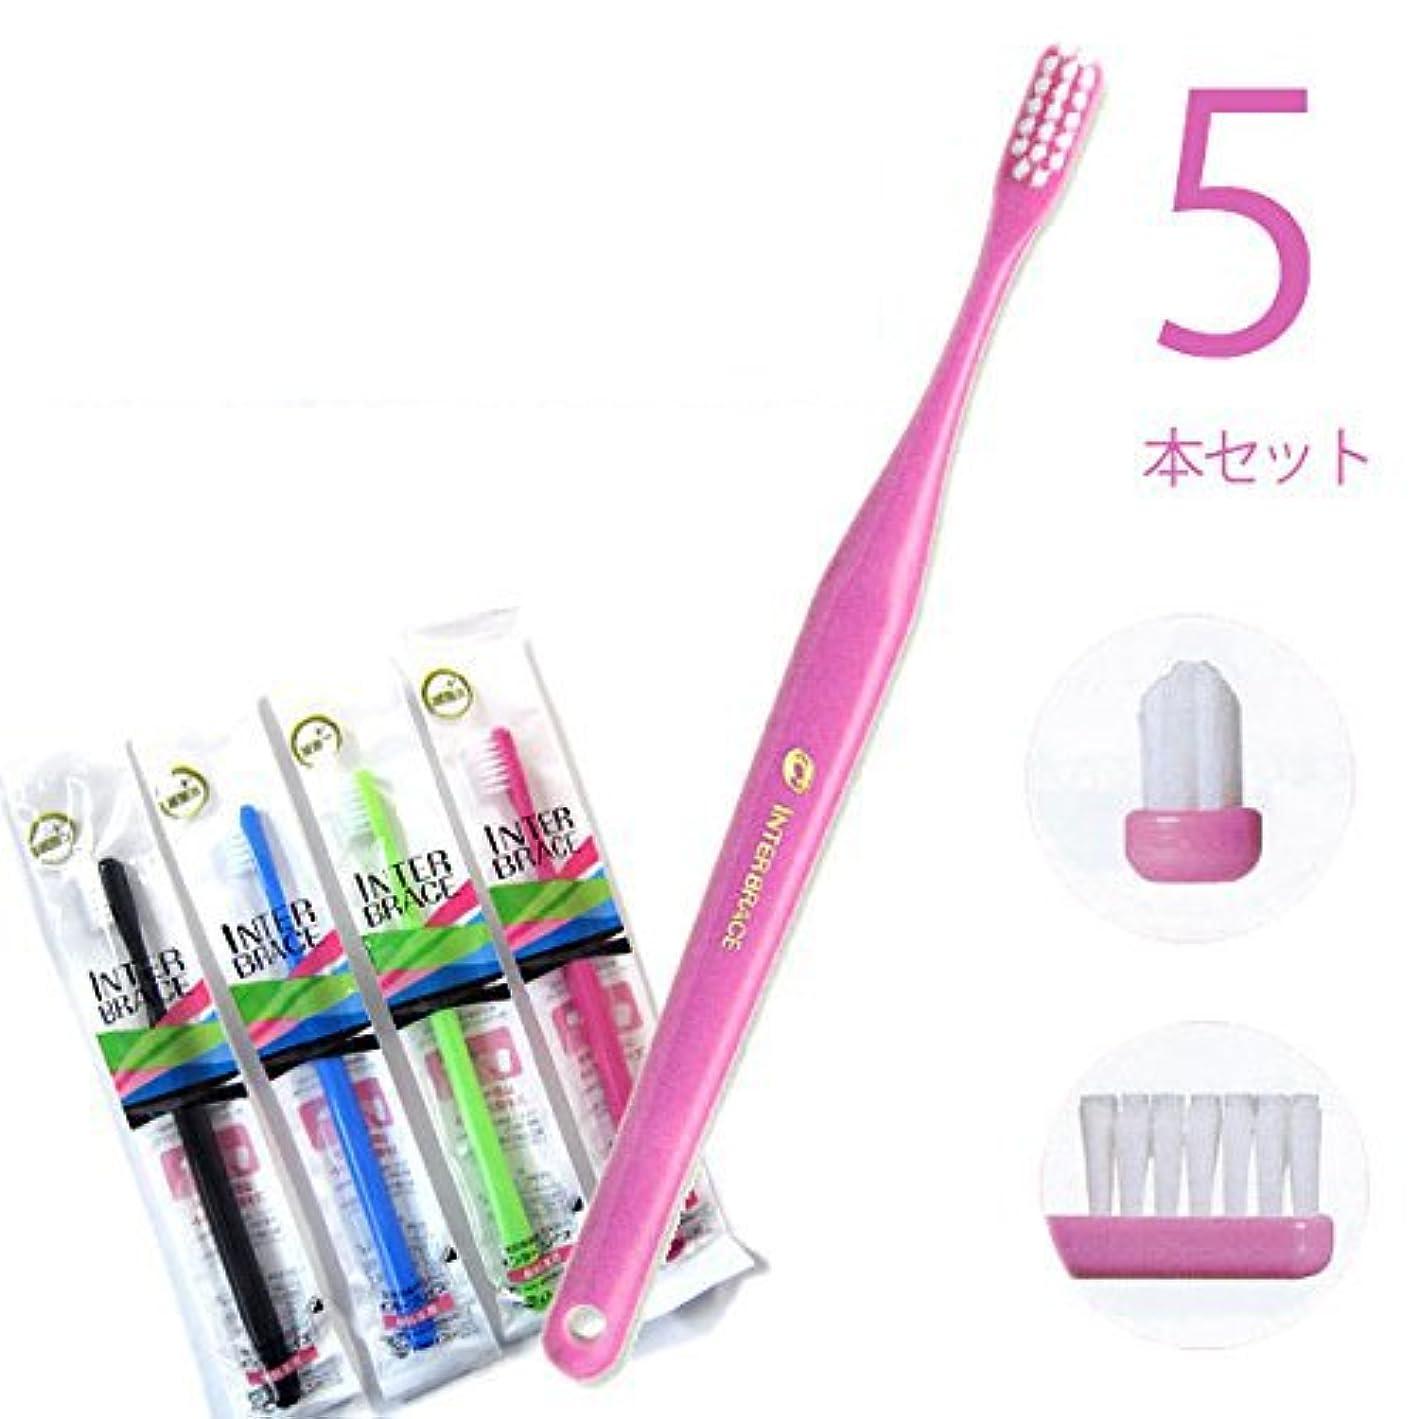 大騒ぎサイクロプス貞インターブレイス インターブレイス 矯正用山型 歯ブラシ5本セット